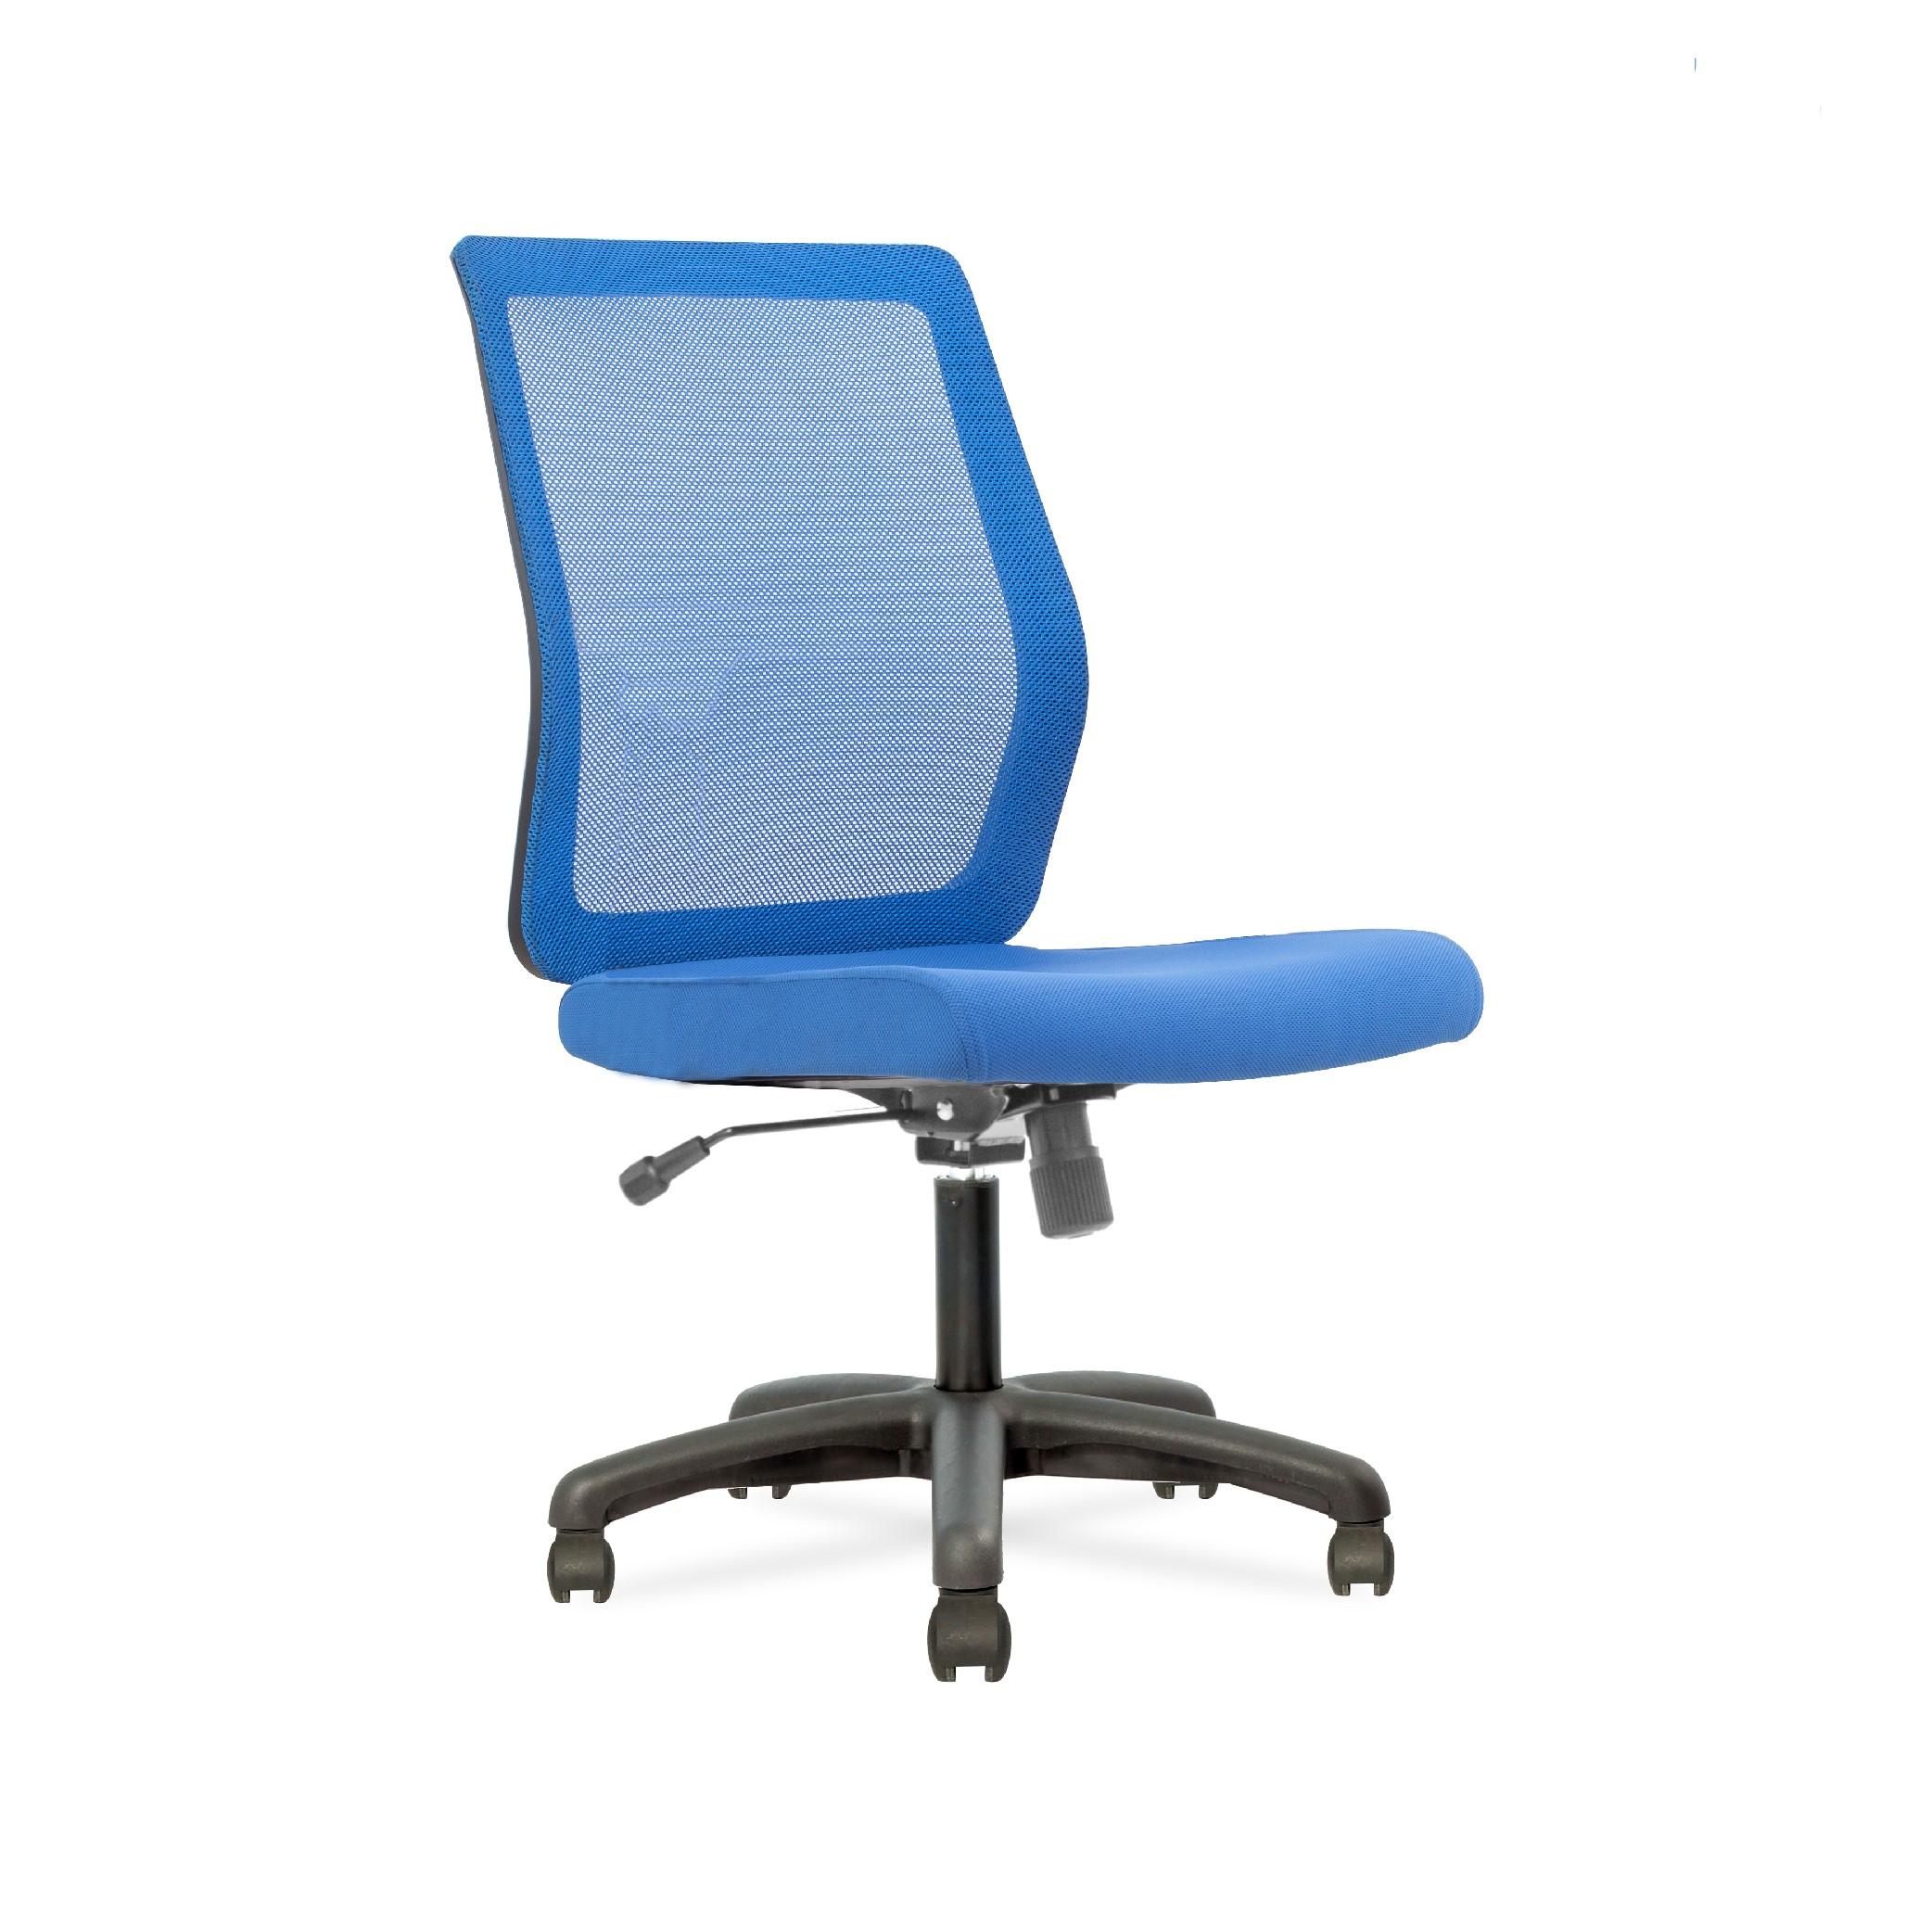 VixF – Assai 105 Chair